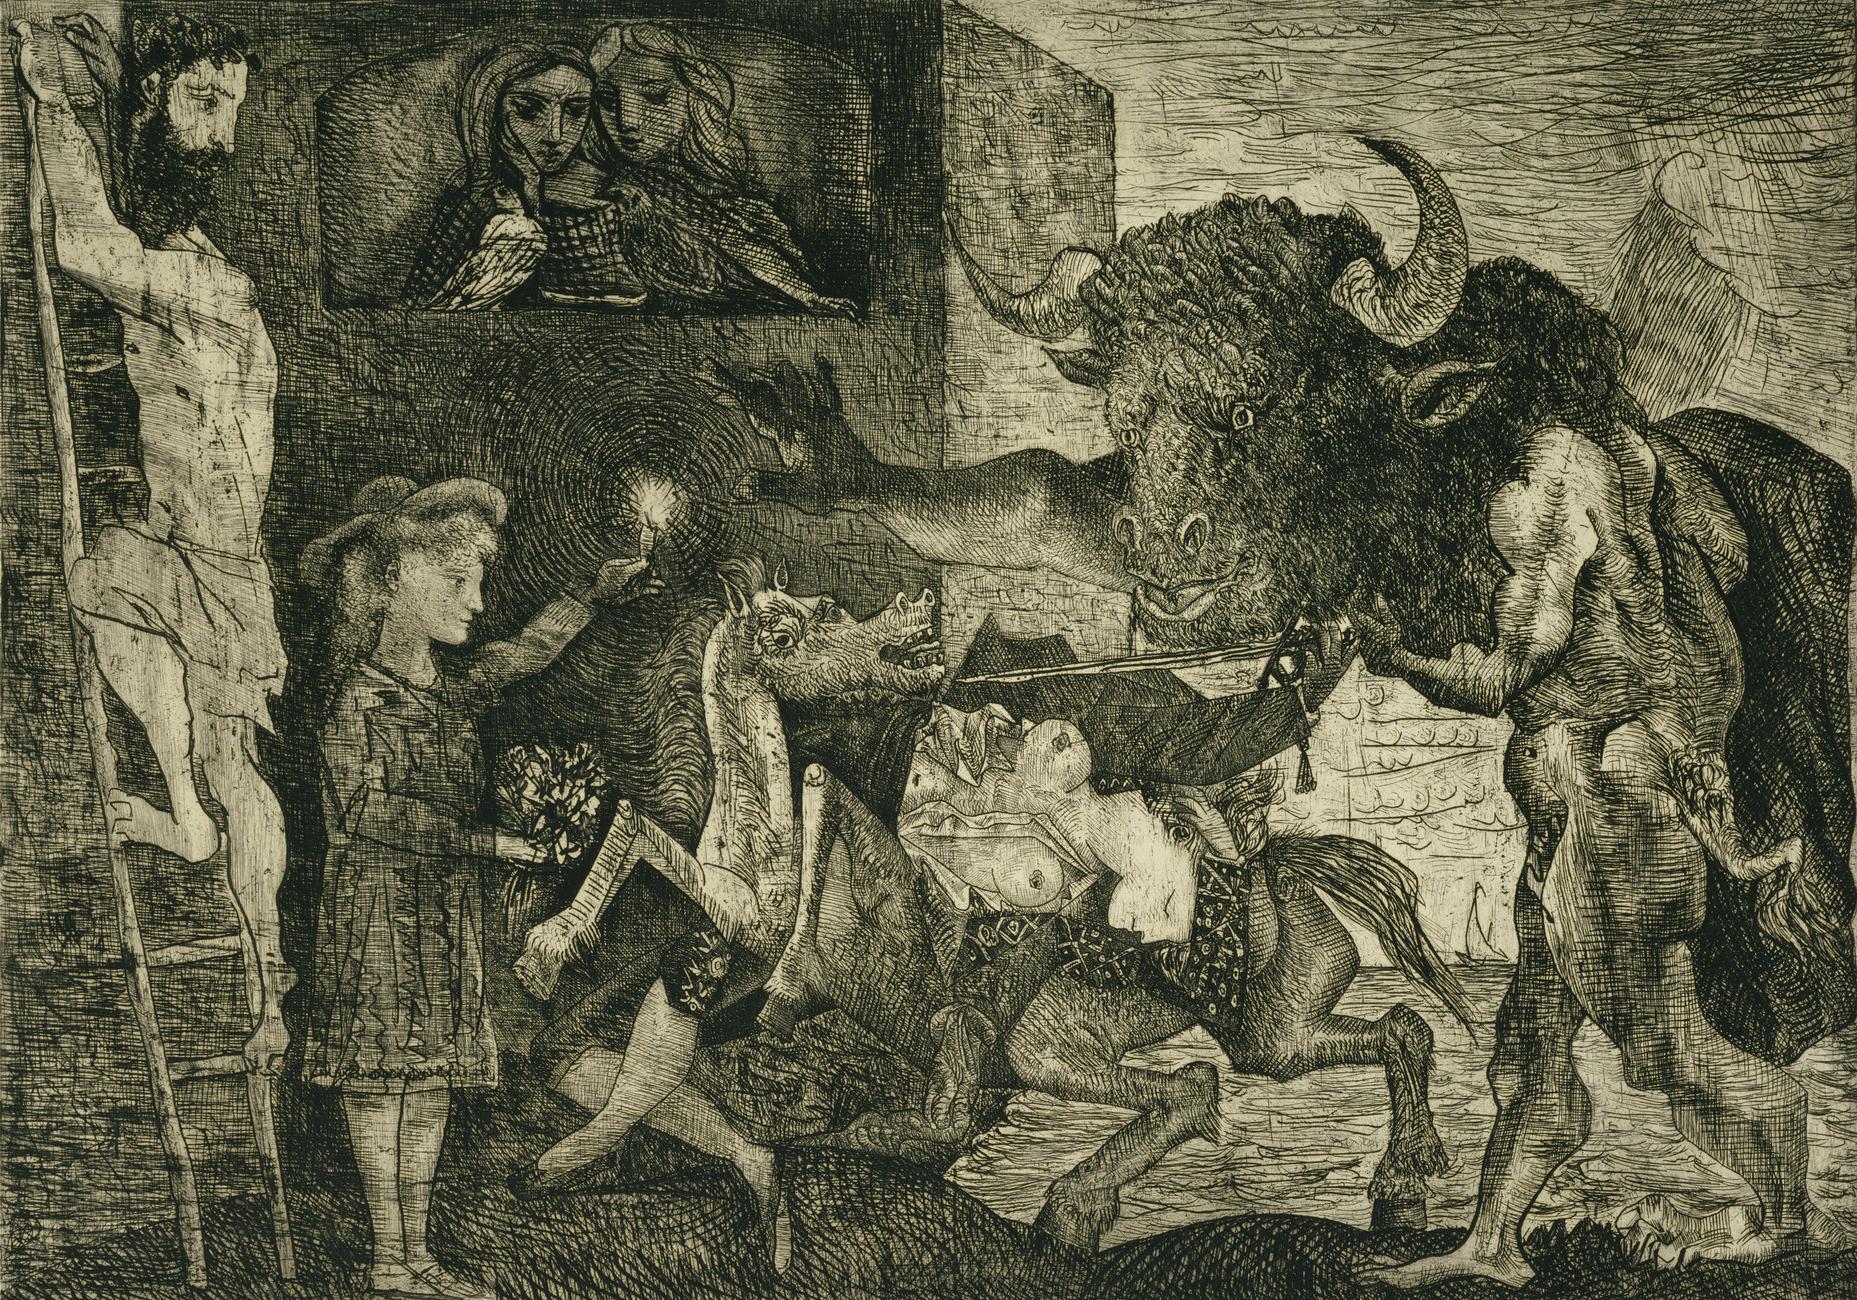 Minotauromachie, eau forte de Pablo Picasso (1935).